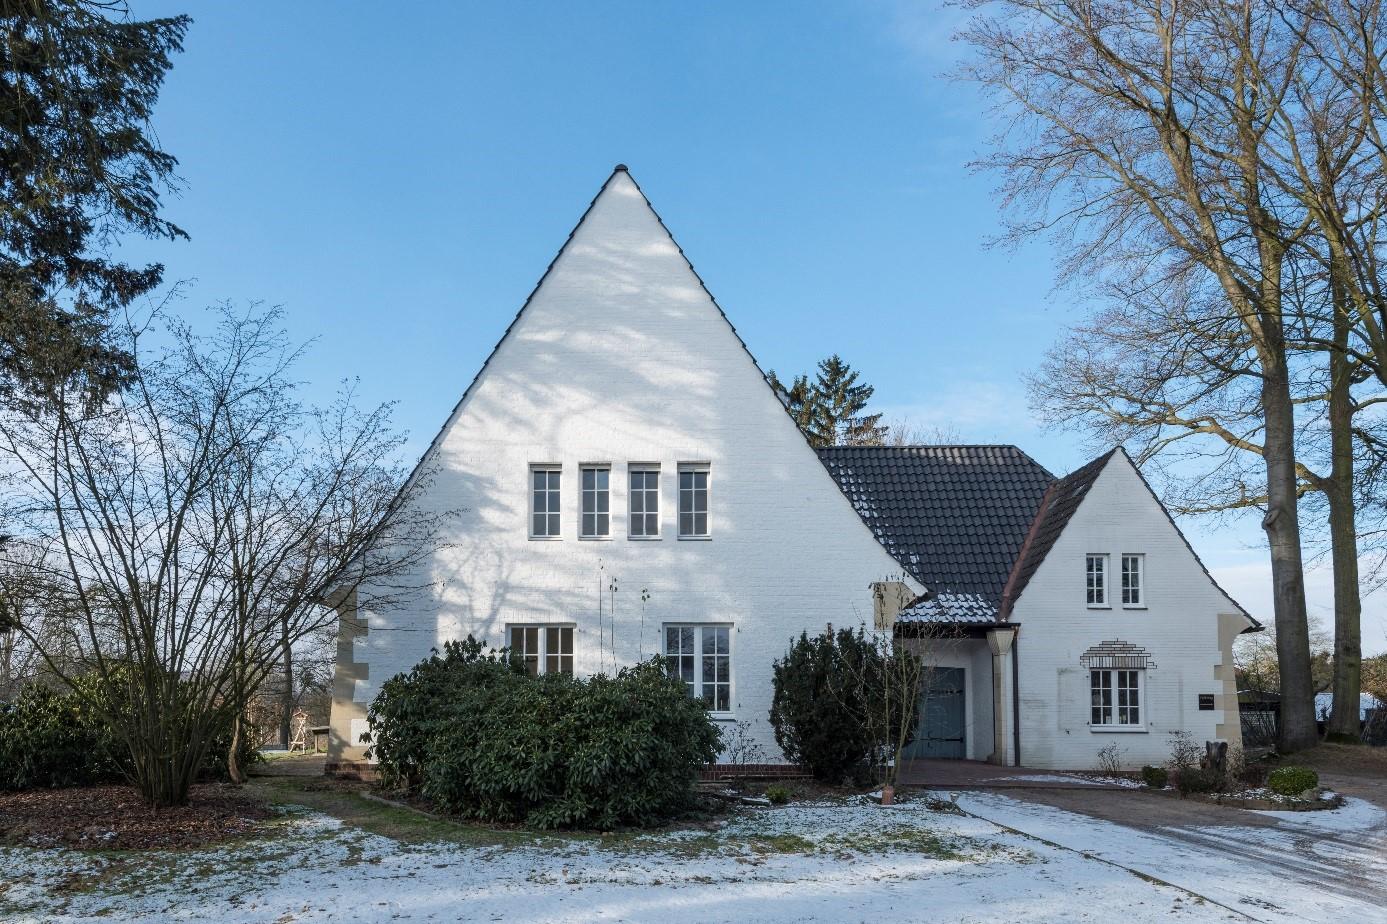 """Energetische Aufwertung des Denkmals """"Haus Götting"""" in Münster"""